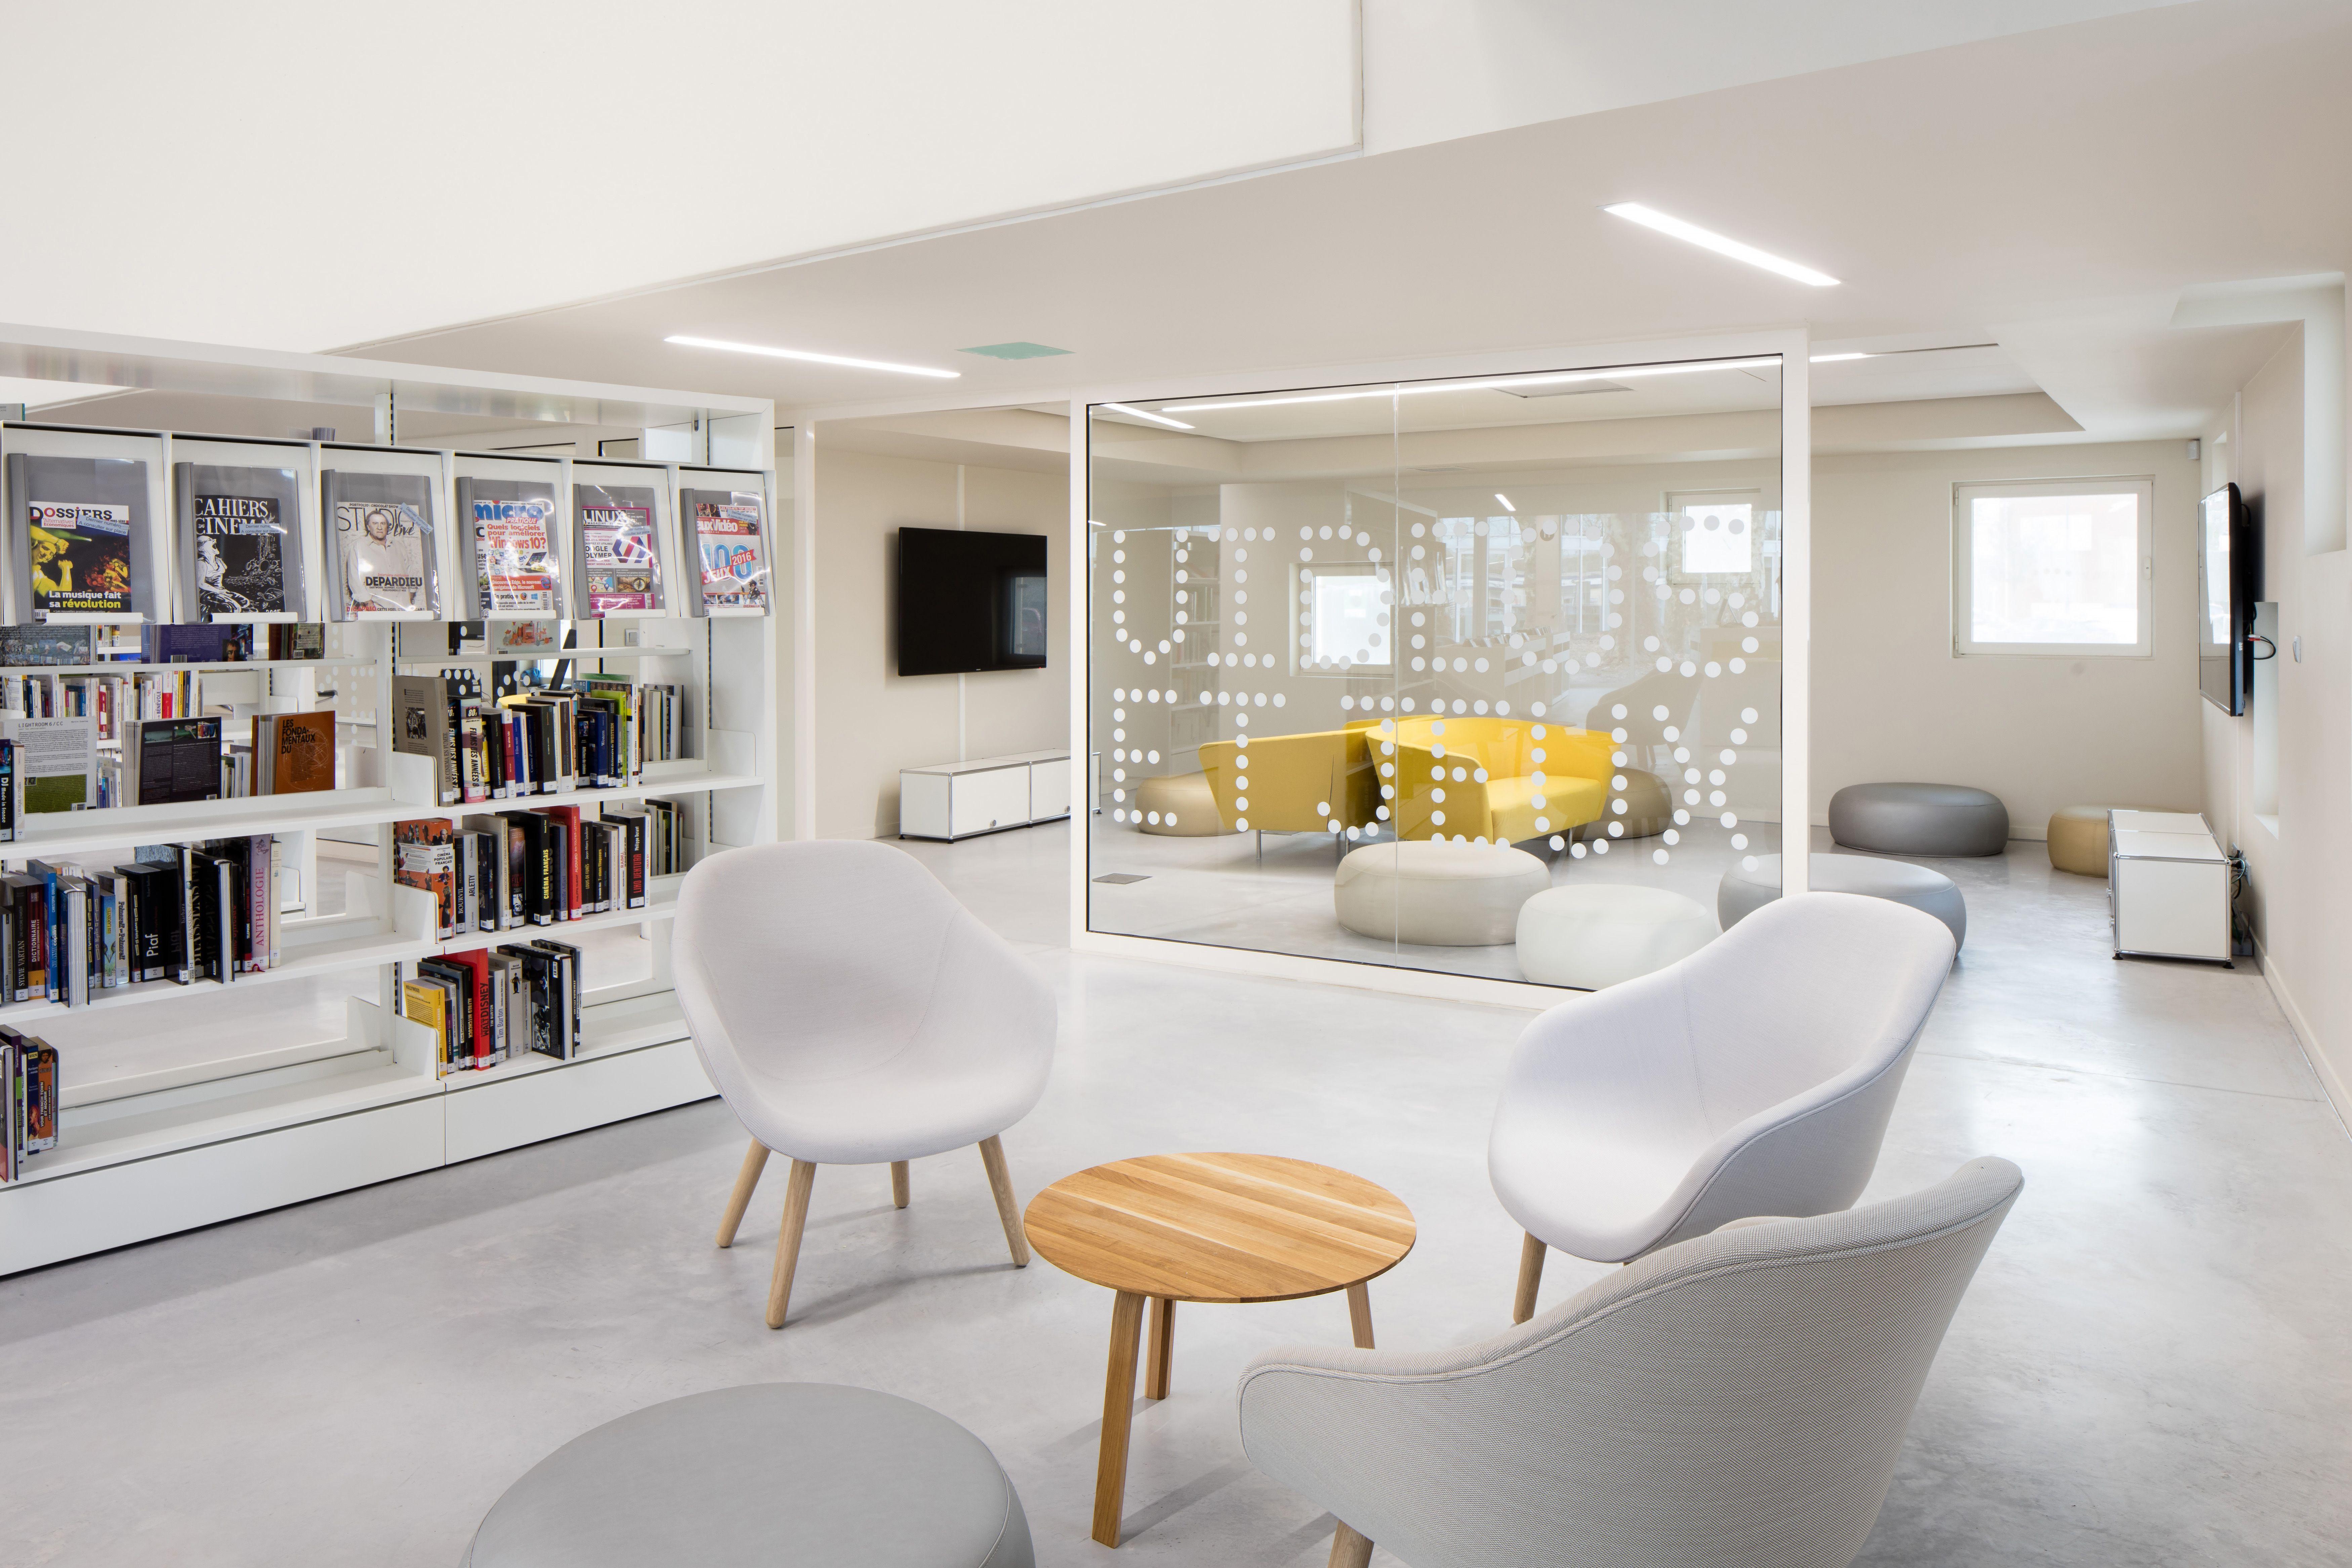 Idm Mediatheque Le Bouscat Mobilier De Confort Mediatheque Amenagement Bibliotheque Bibliotheque Design